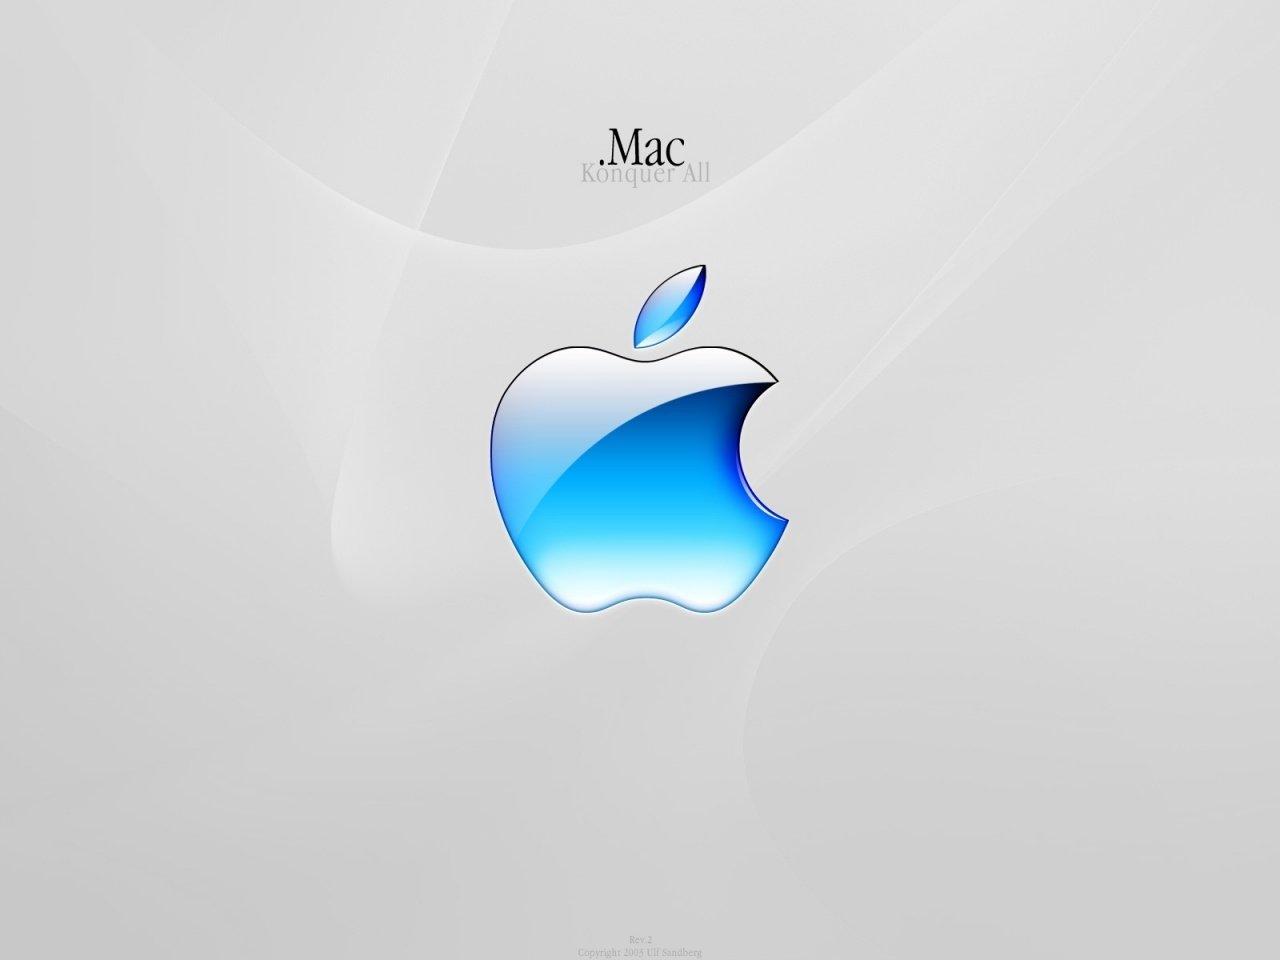 hình ảnh logo Apple là thương hiệu sản phẩm iPhone hay MacBook số 16